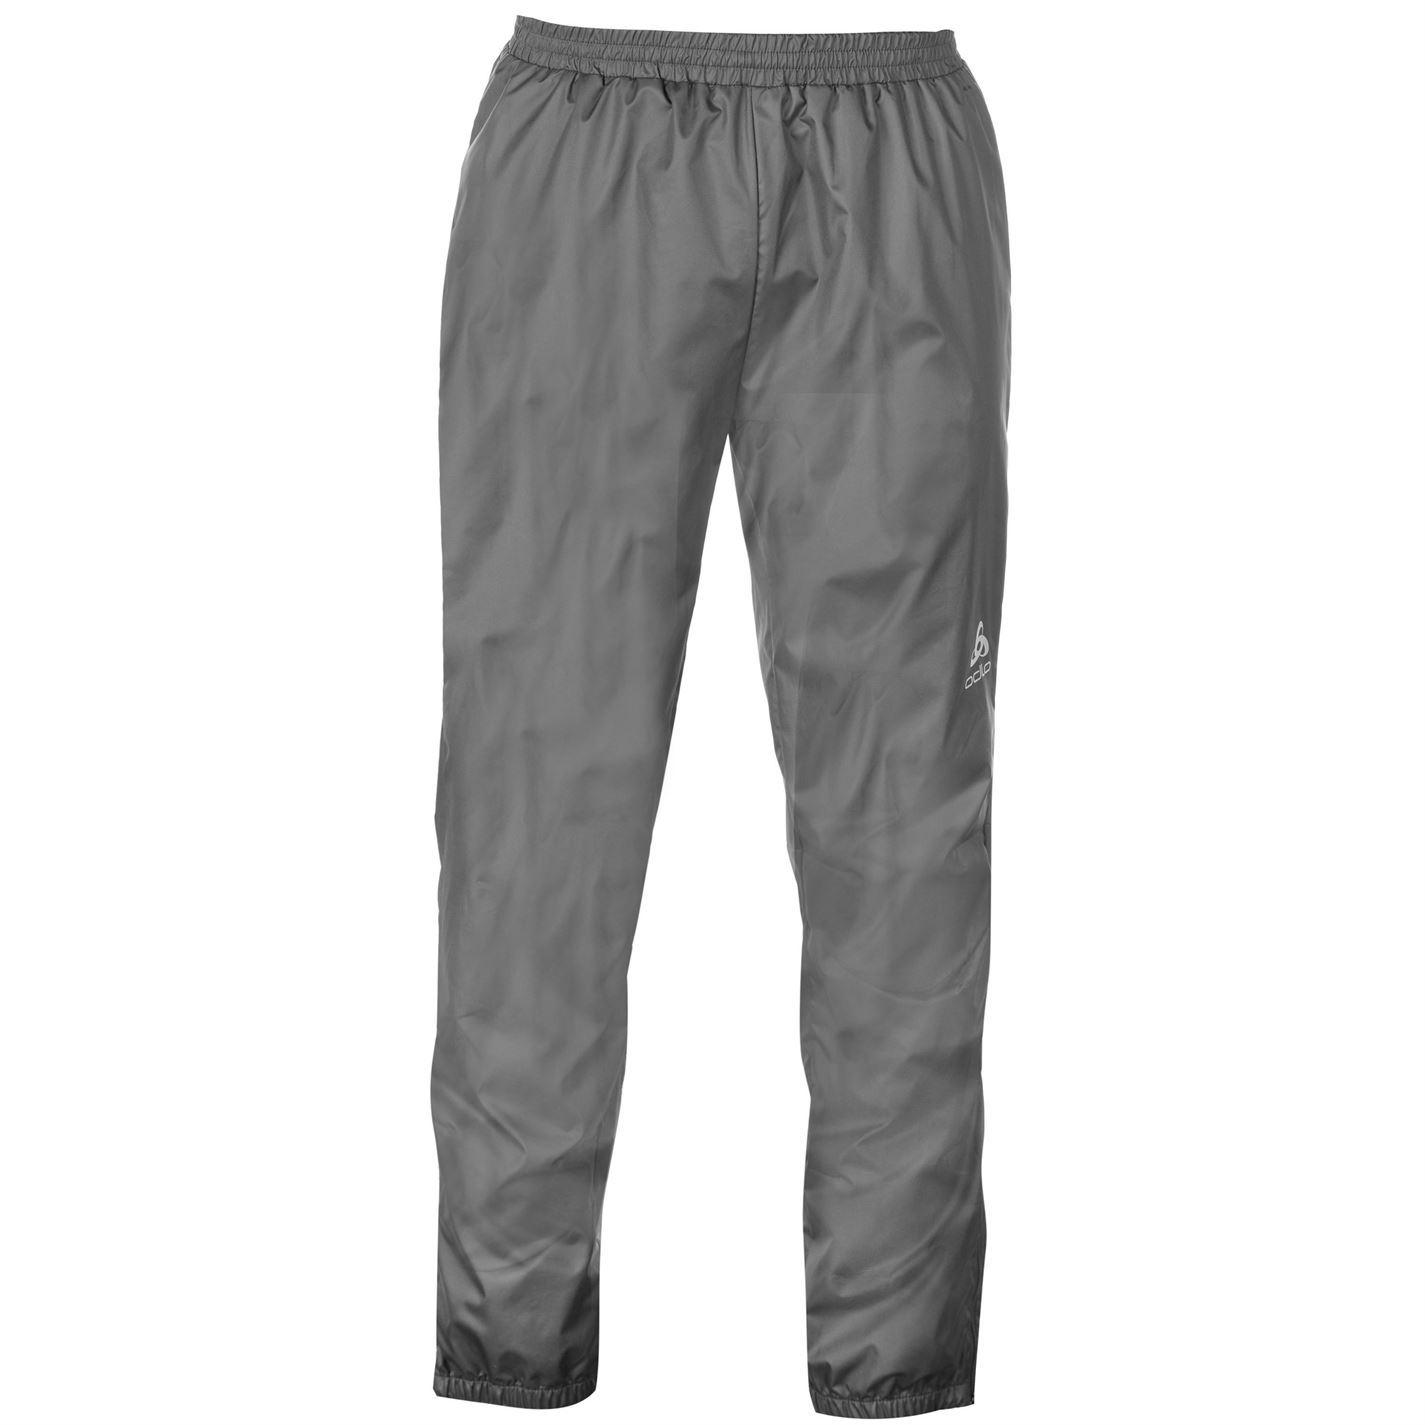 Image is loading Odlo-Mens-XC-Pants-Ski-Salopettes-Trousers-Bottoms- 57e89c07f